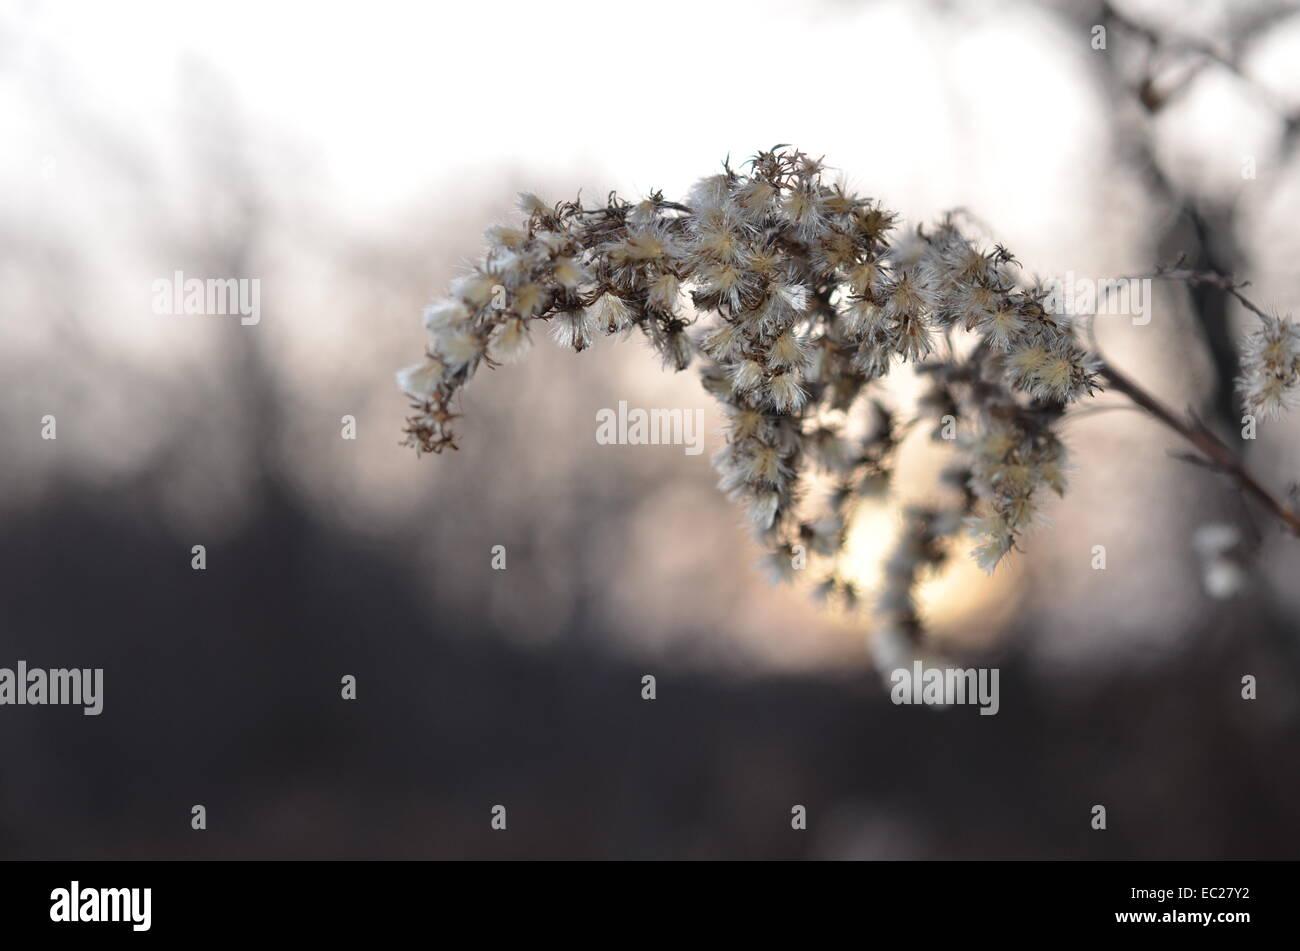 ragweed fluff - Stock Image